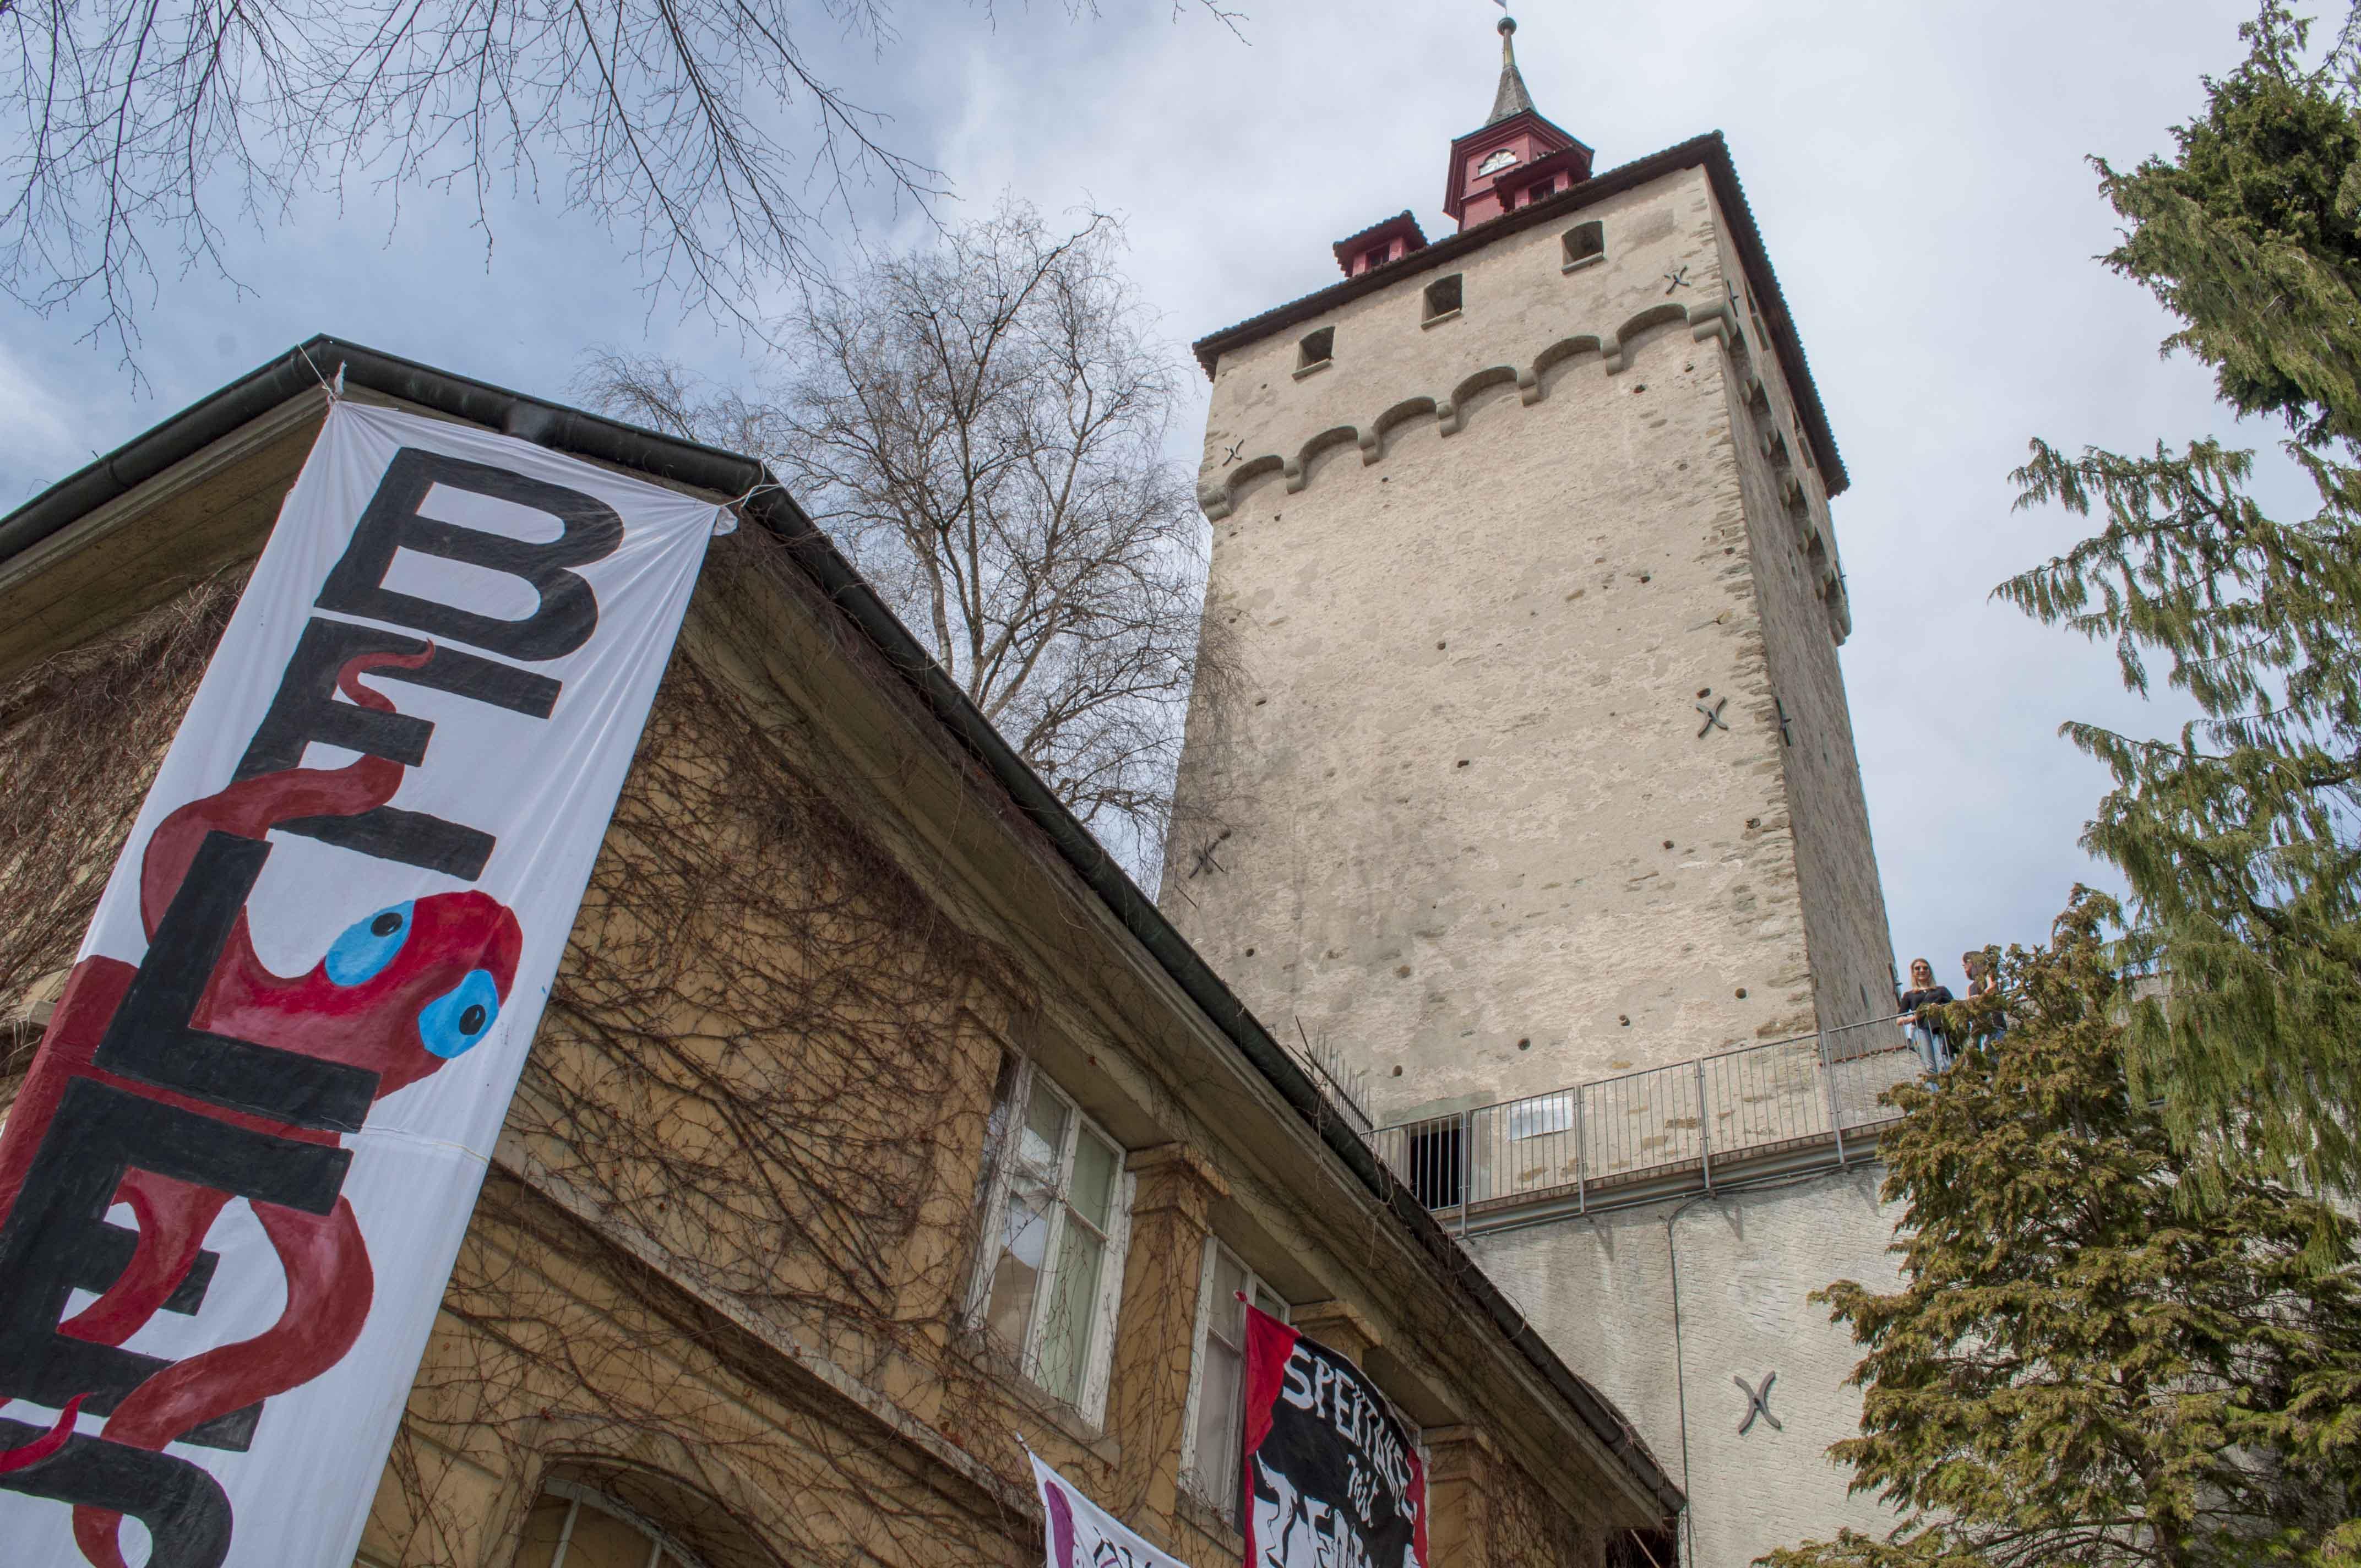 Der Wachtturm und das besetzte Nebengebäude der städtischen Villa auf Musegg 1.